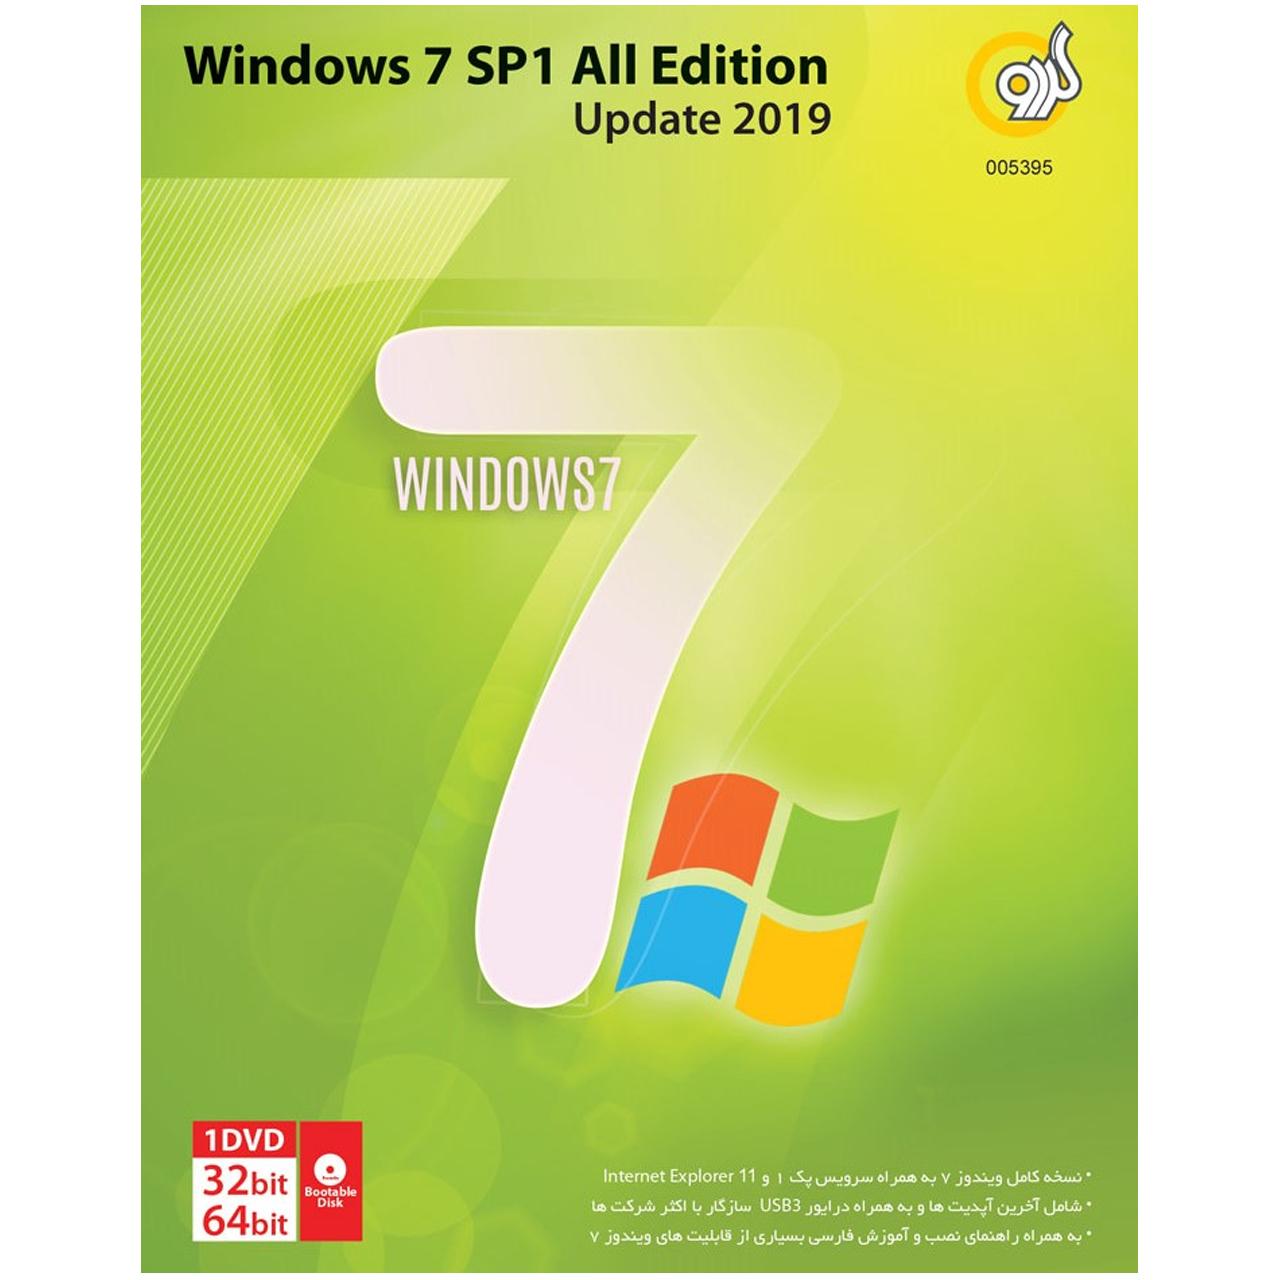 سیستم عامل گردو Windows 7 SP1 All Edition Update 2019